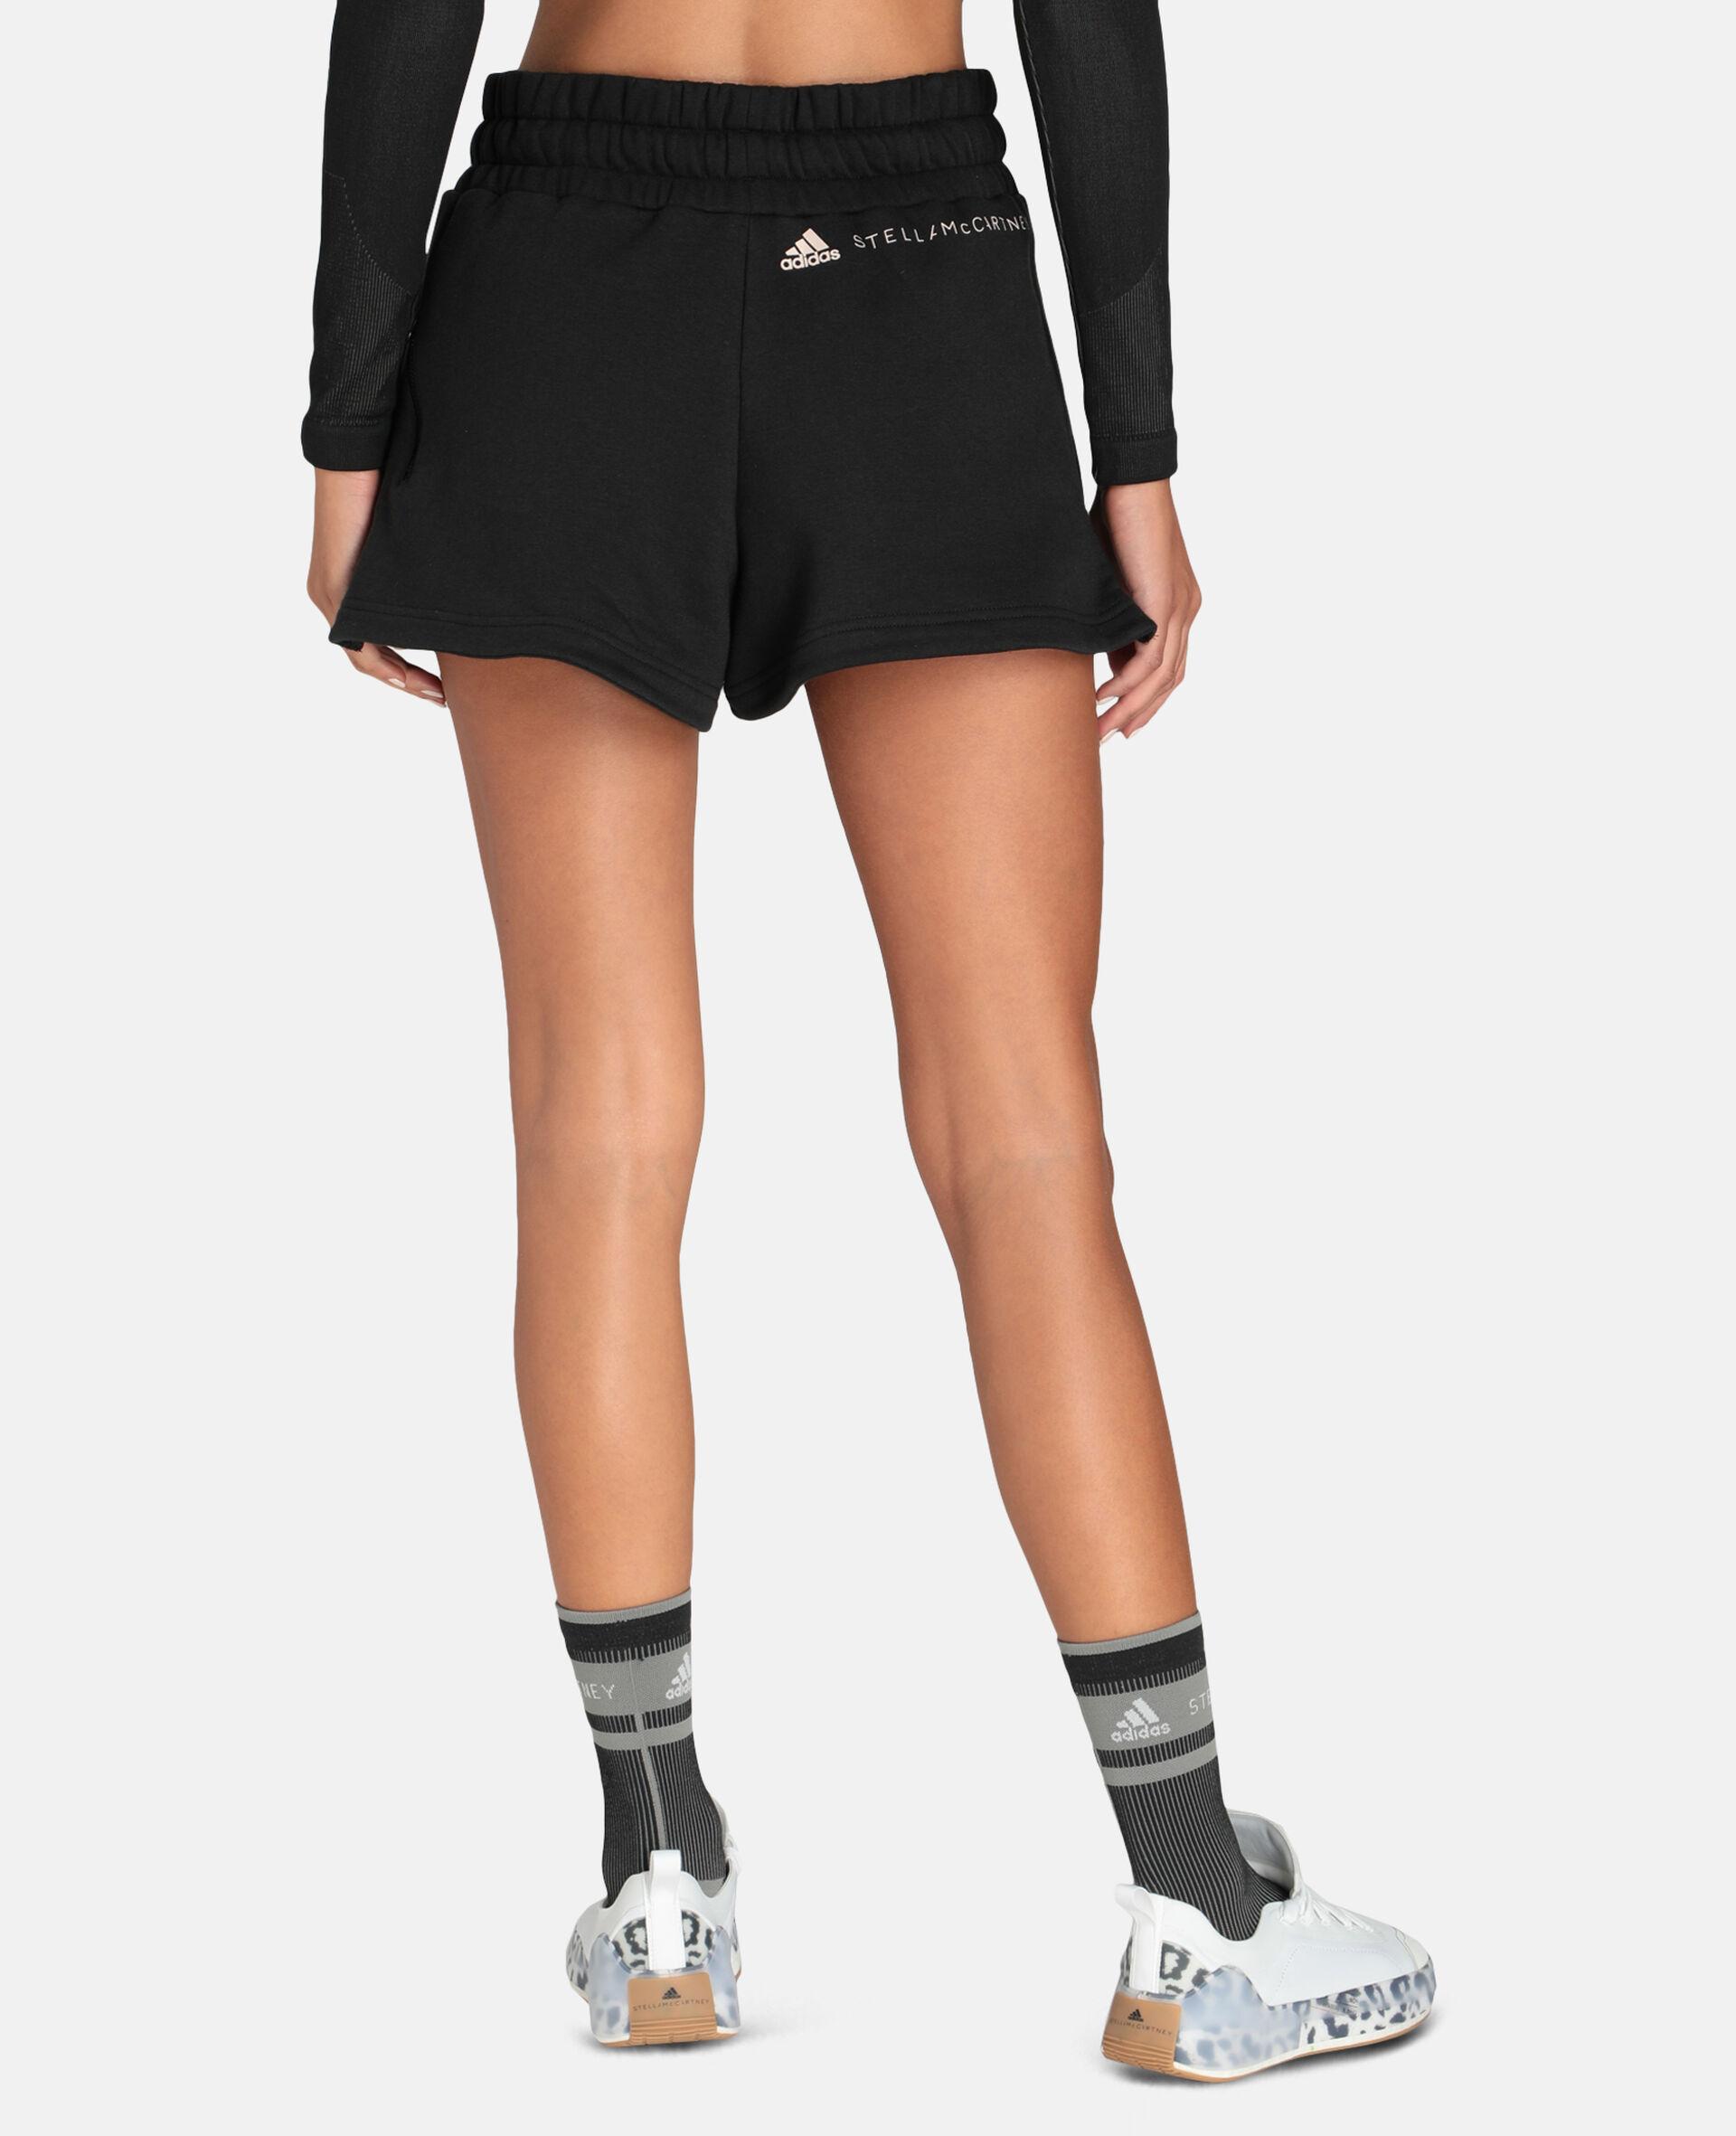 Black Sweat Fleece Short-Black-large image number 2